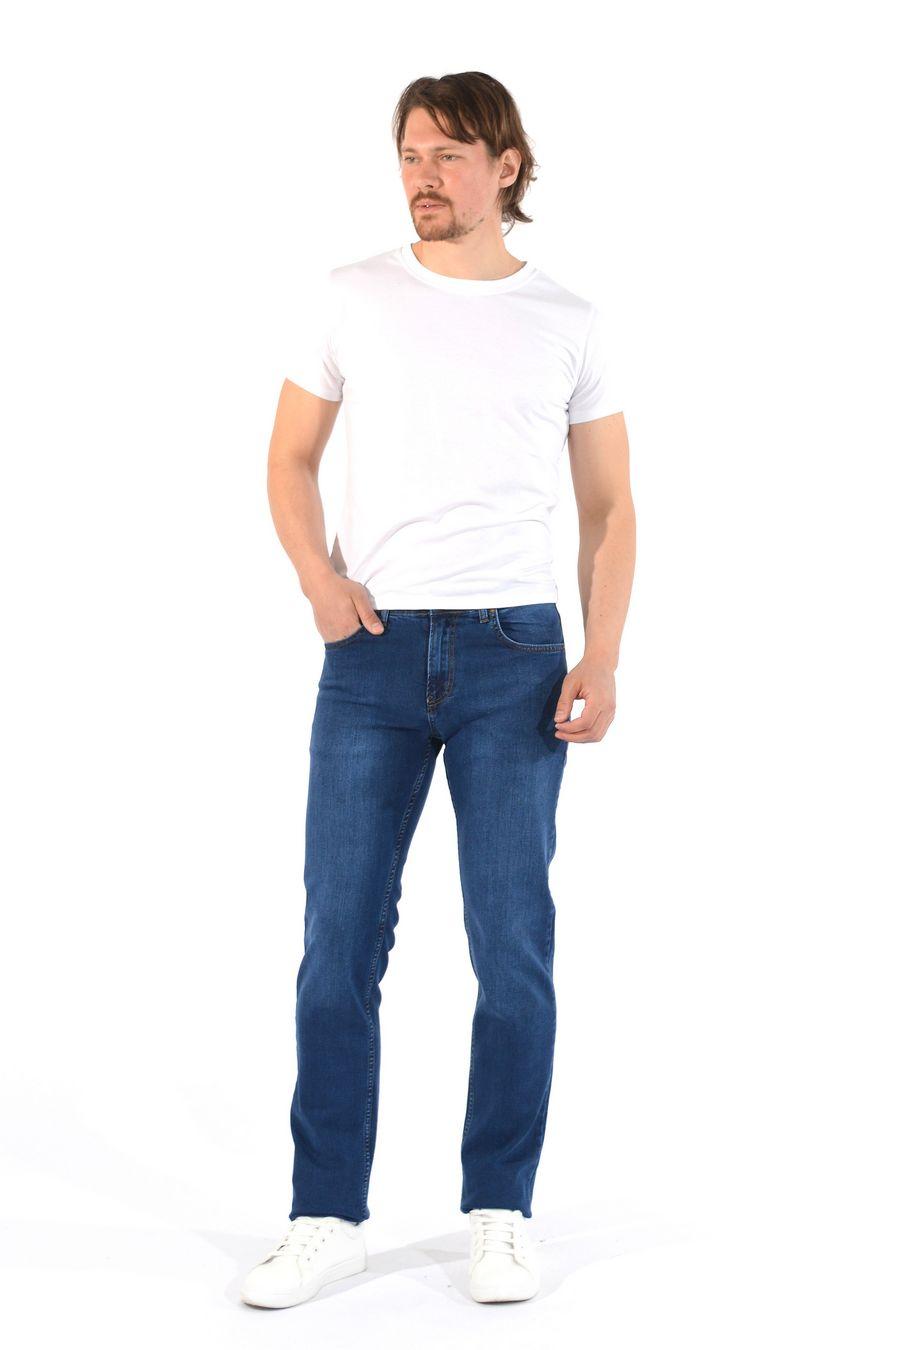 Джинсы мужские MAC Person 2940-12377 Mavi L34 - фото 1